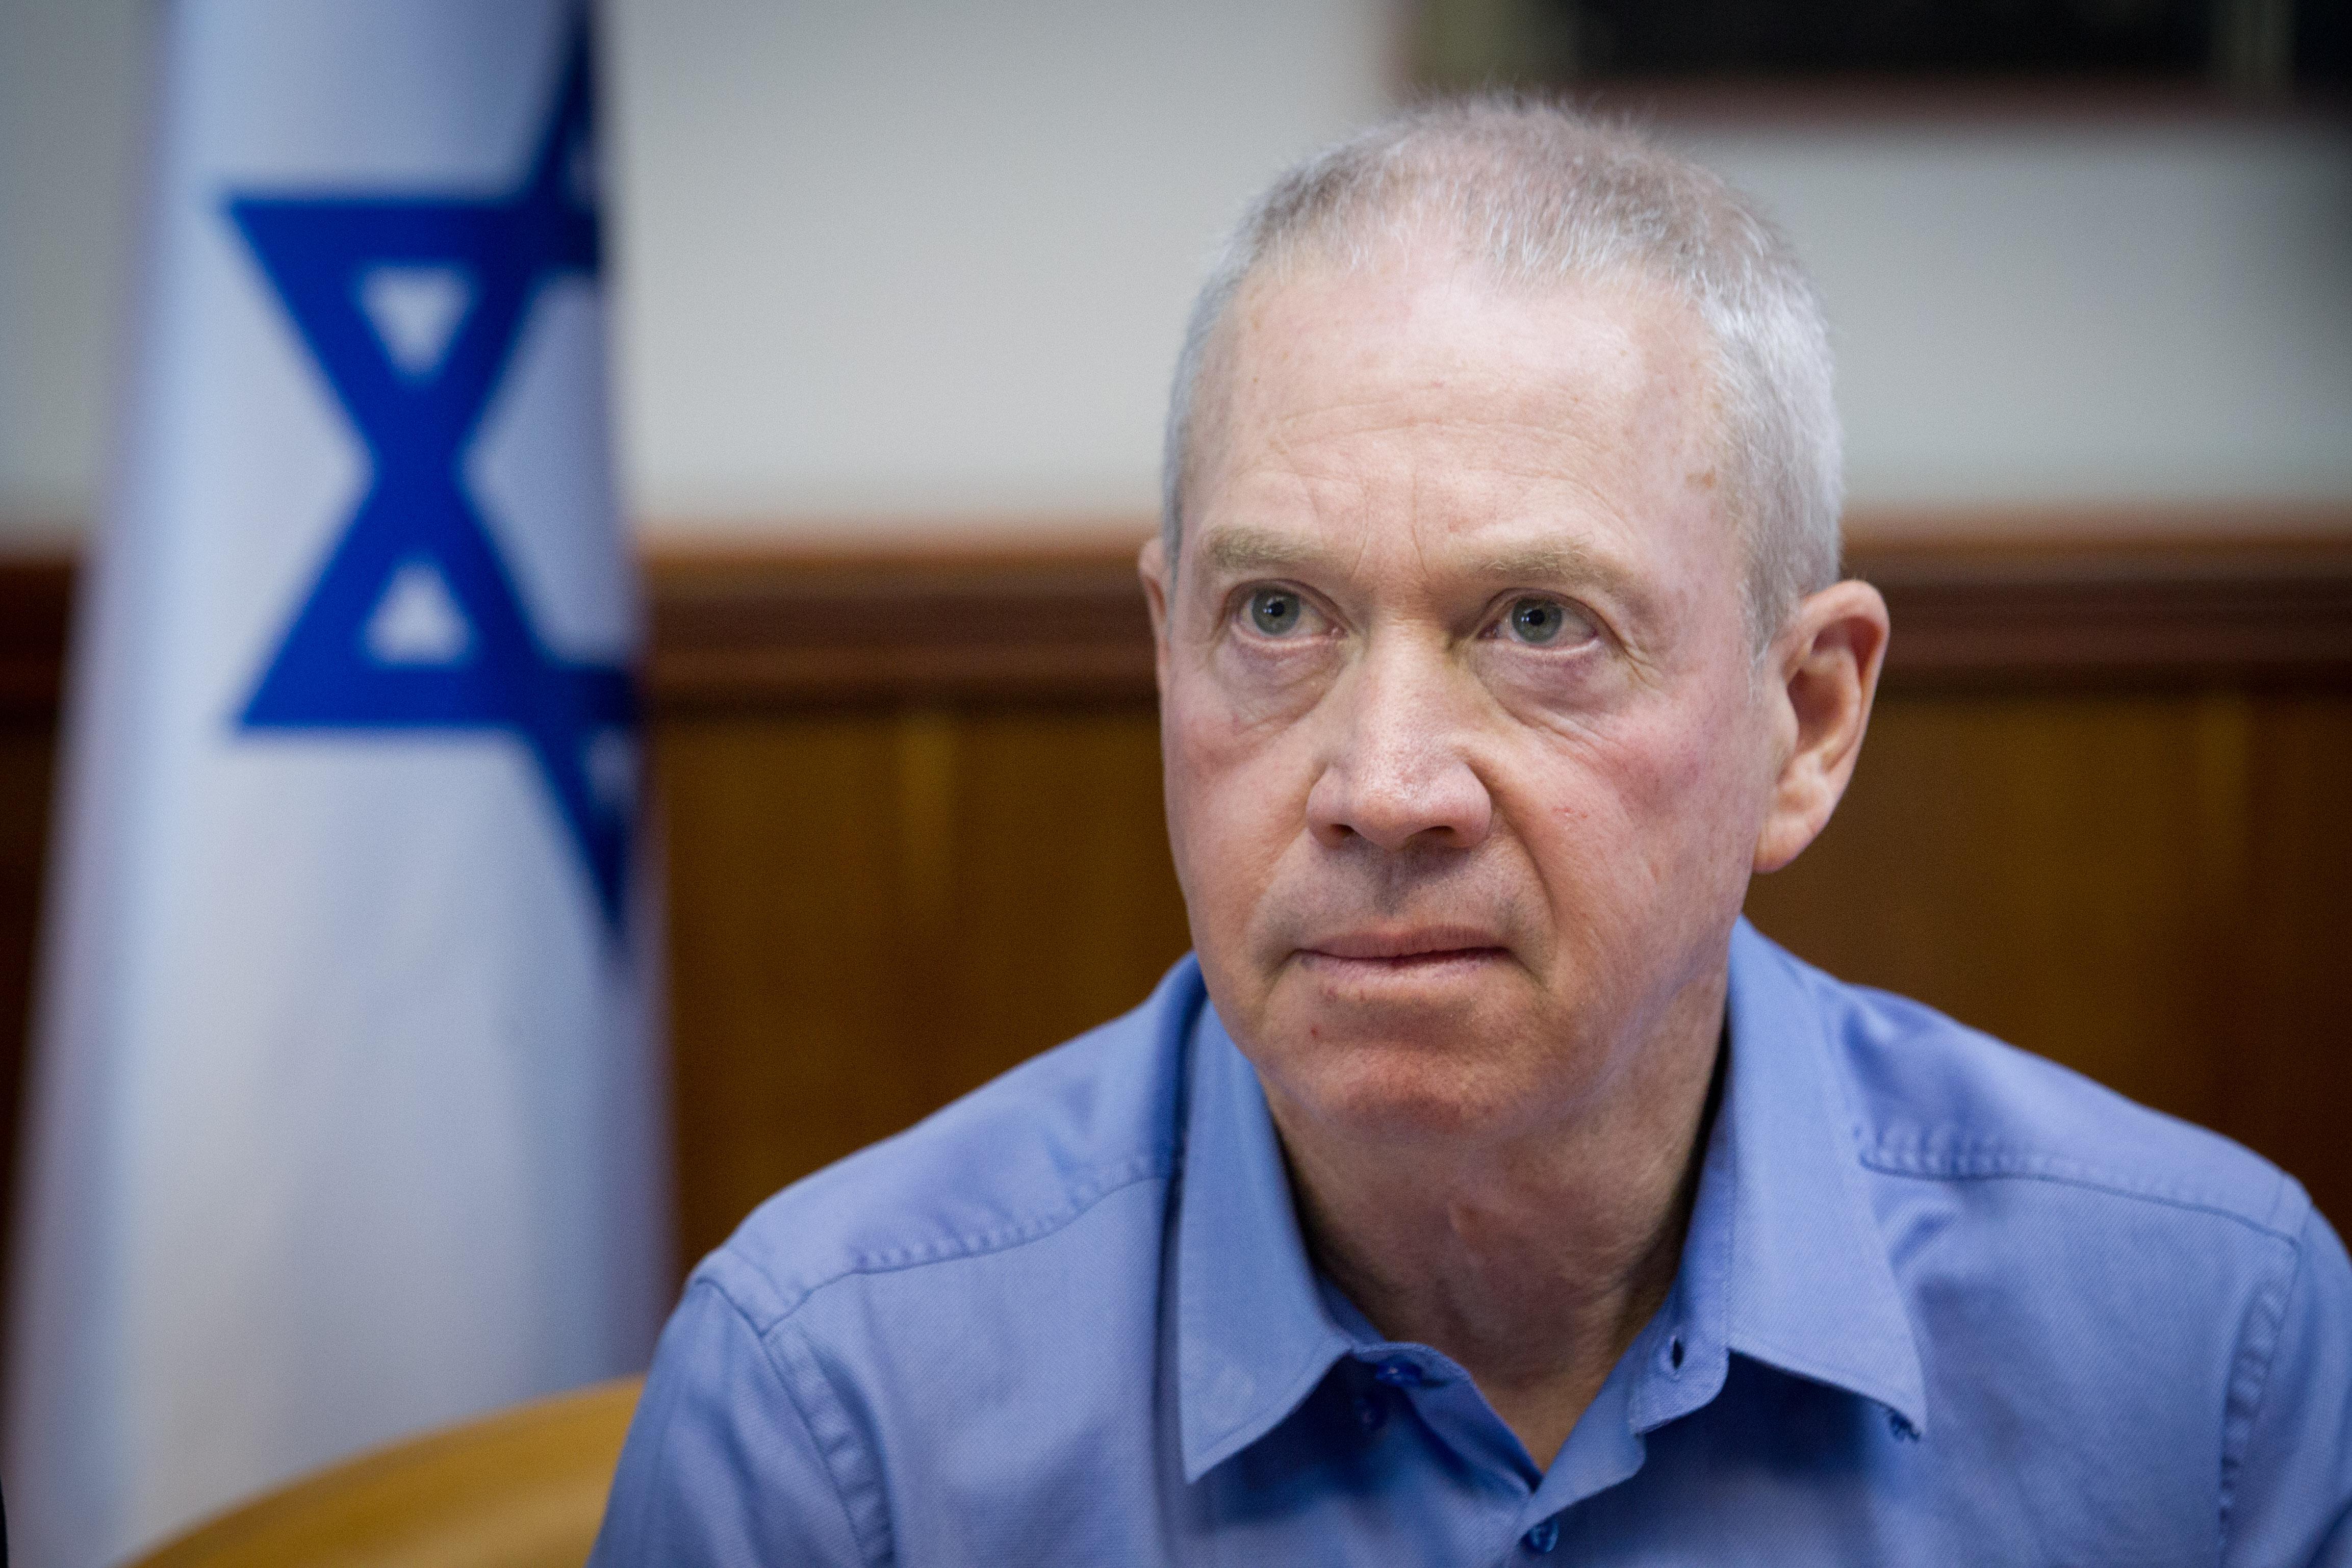 İsrail'den skandal çağrı: Esad'a suikast zamanı!